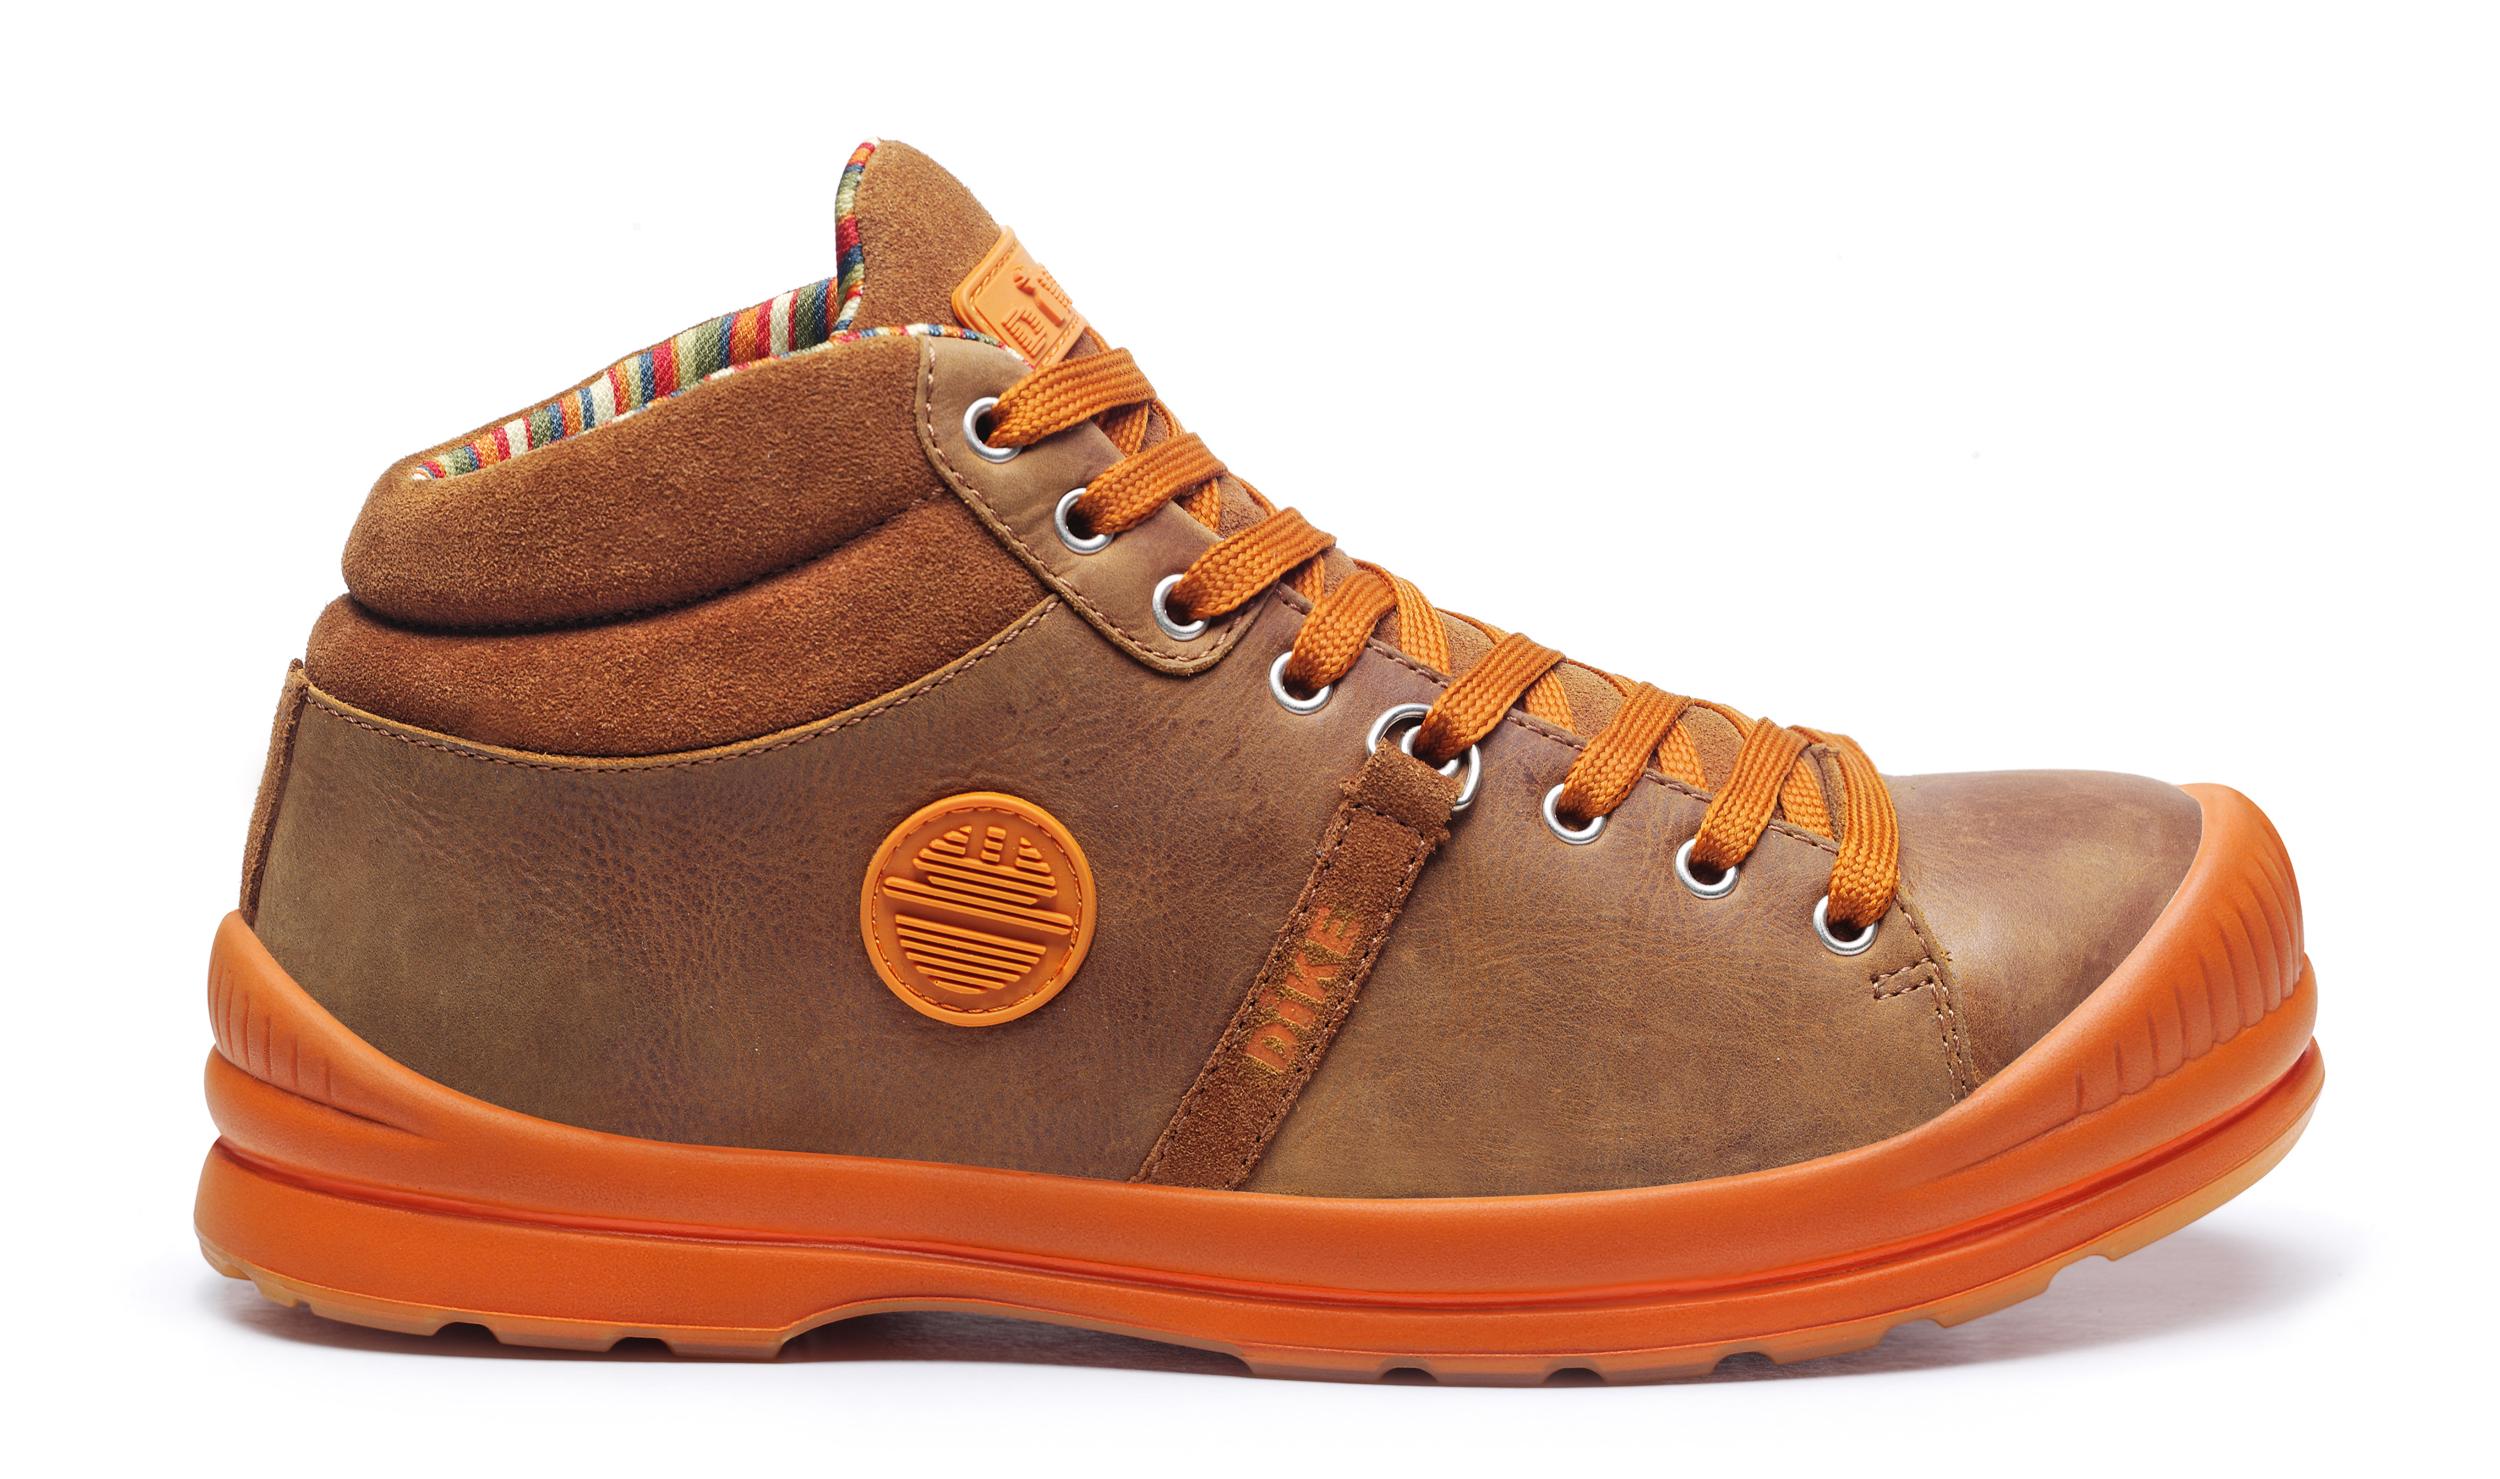 Chaussure de sécurité SUPERB MI-HAUTE BRÛLÉ S3 SRC 27021-191 DIKE - Du 38 au 47